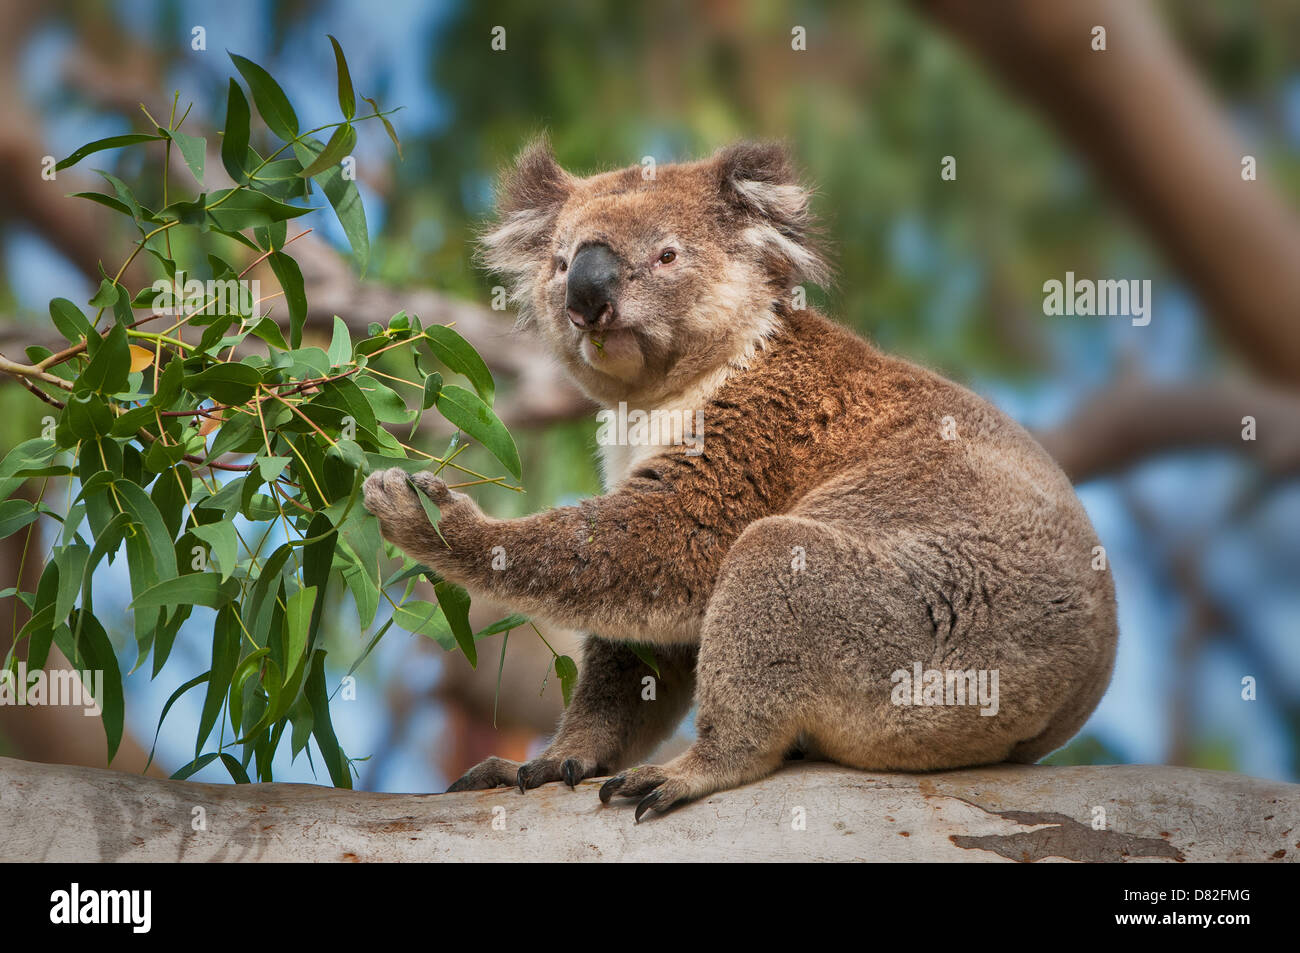 Alimentación Koala en un árbol de eucalipto. Imagen De Stock